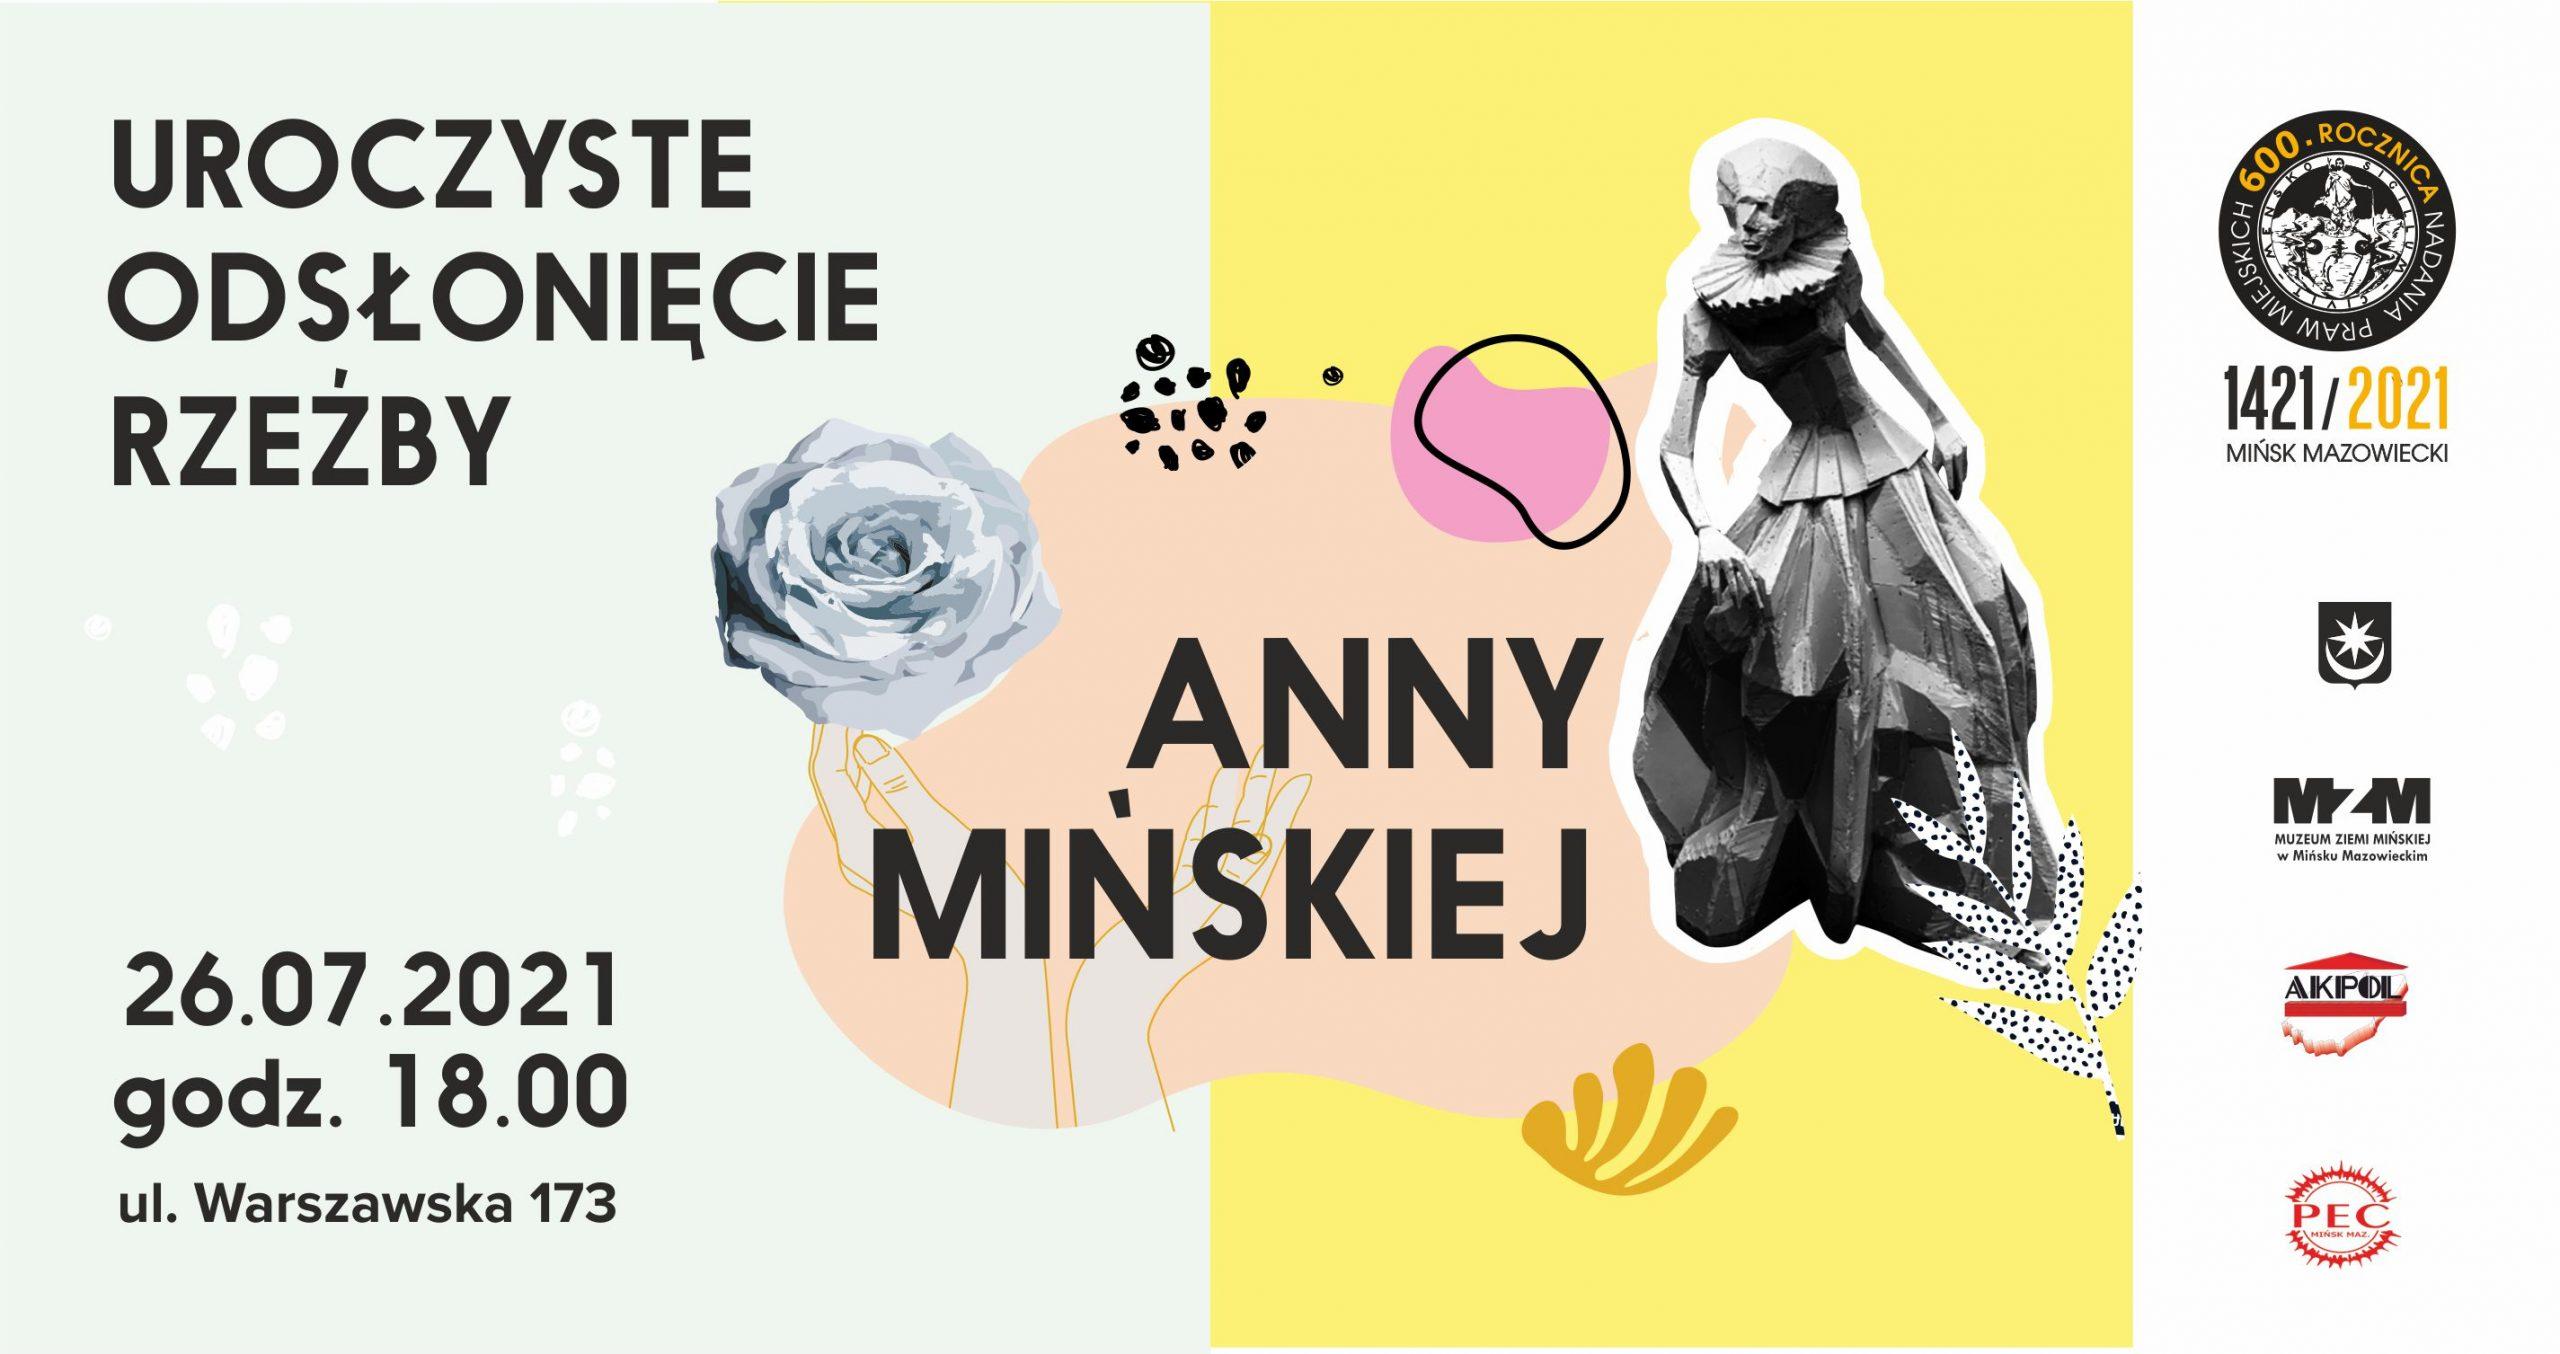 Uroczyste odsłonięcie rzeźby Anny Mińskiej